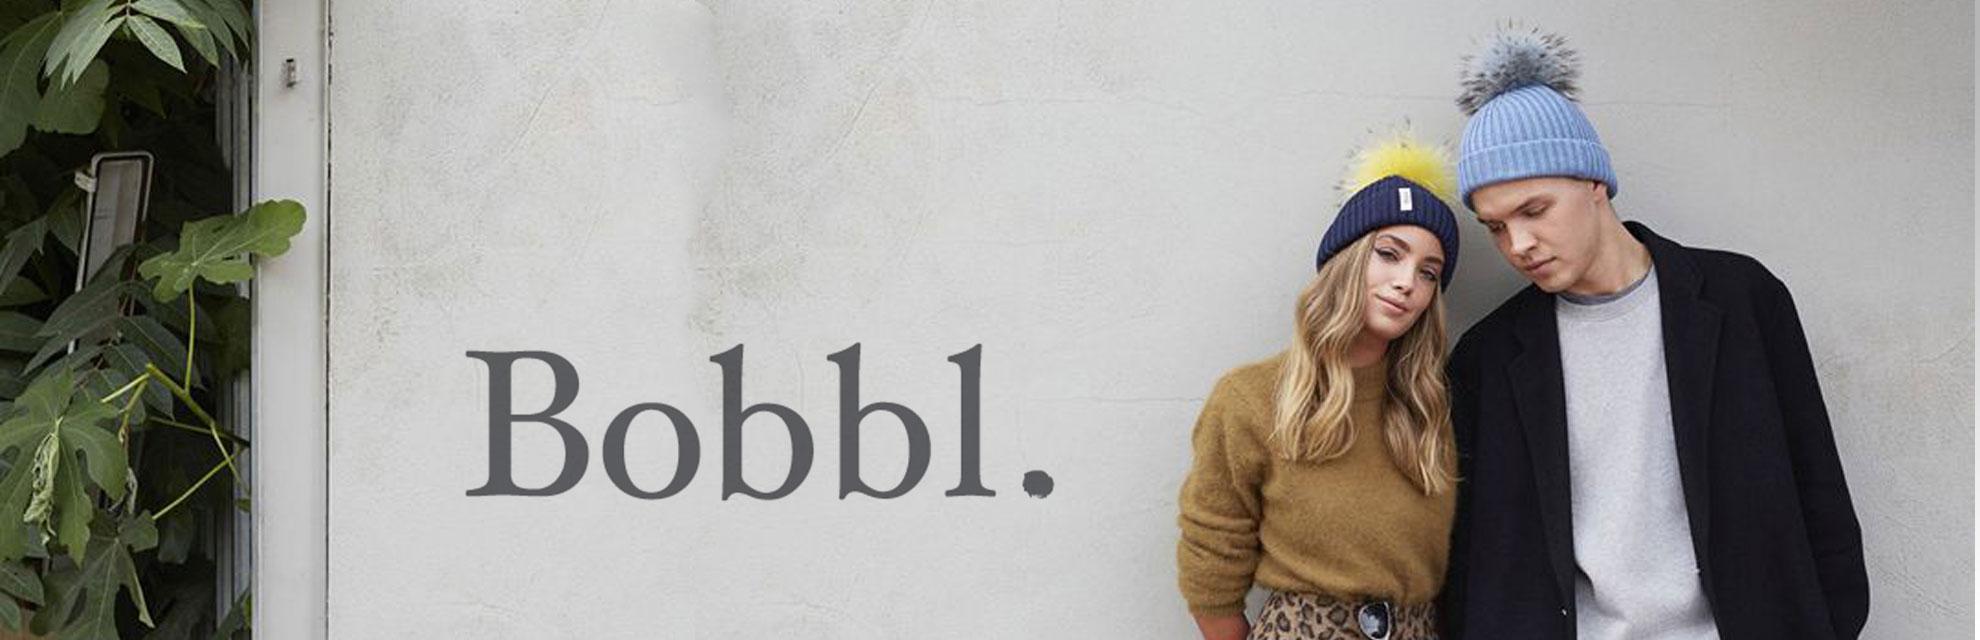 Staff Picks: Bobbl Beanies and Fur